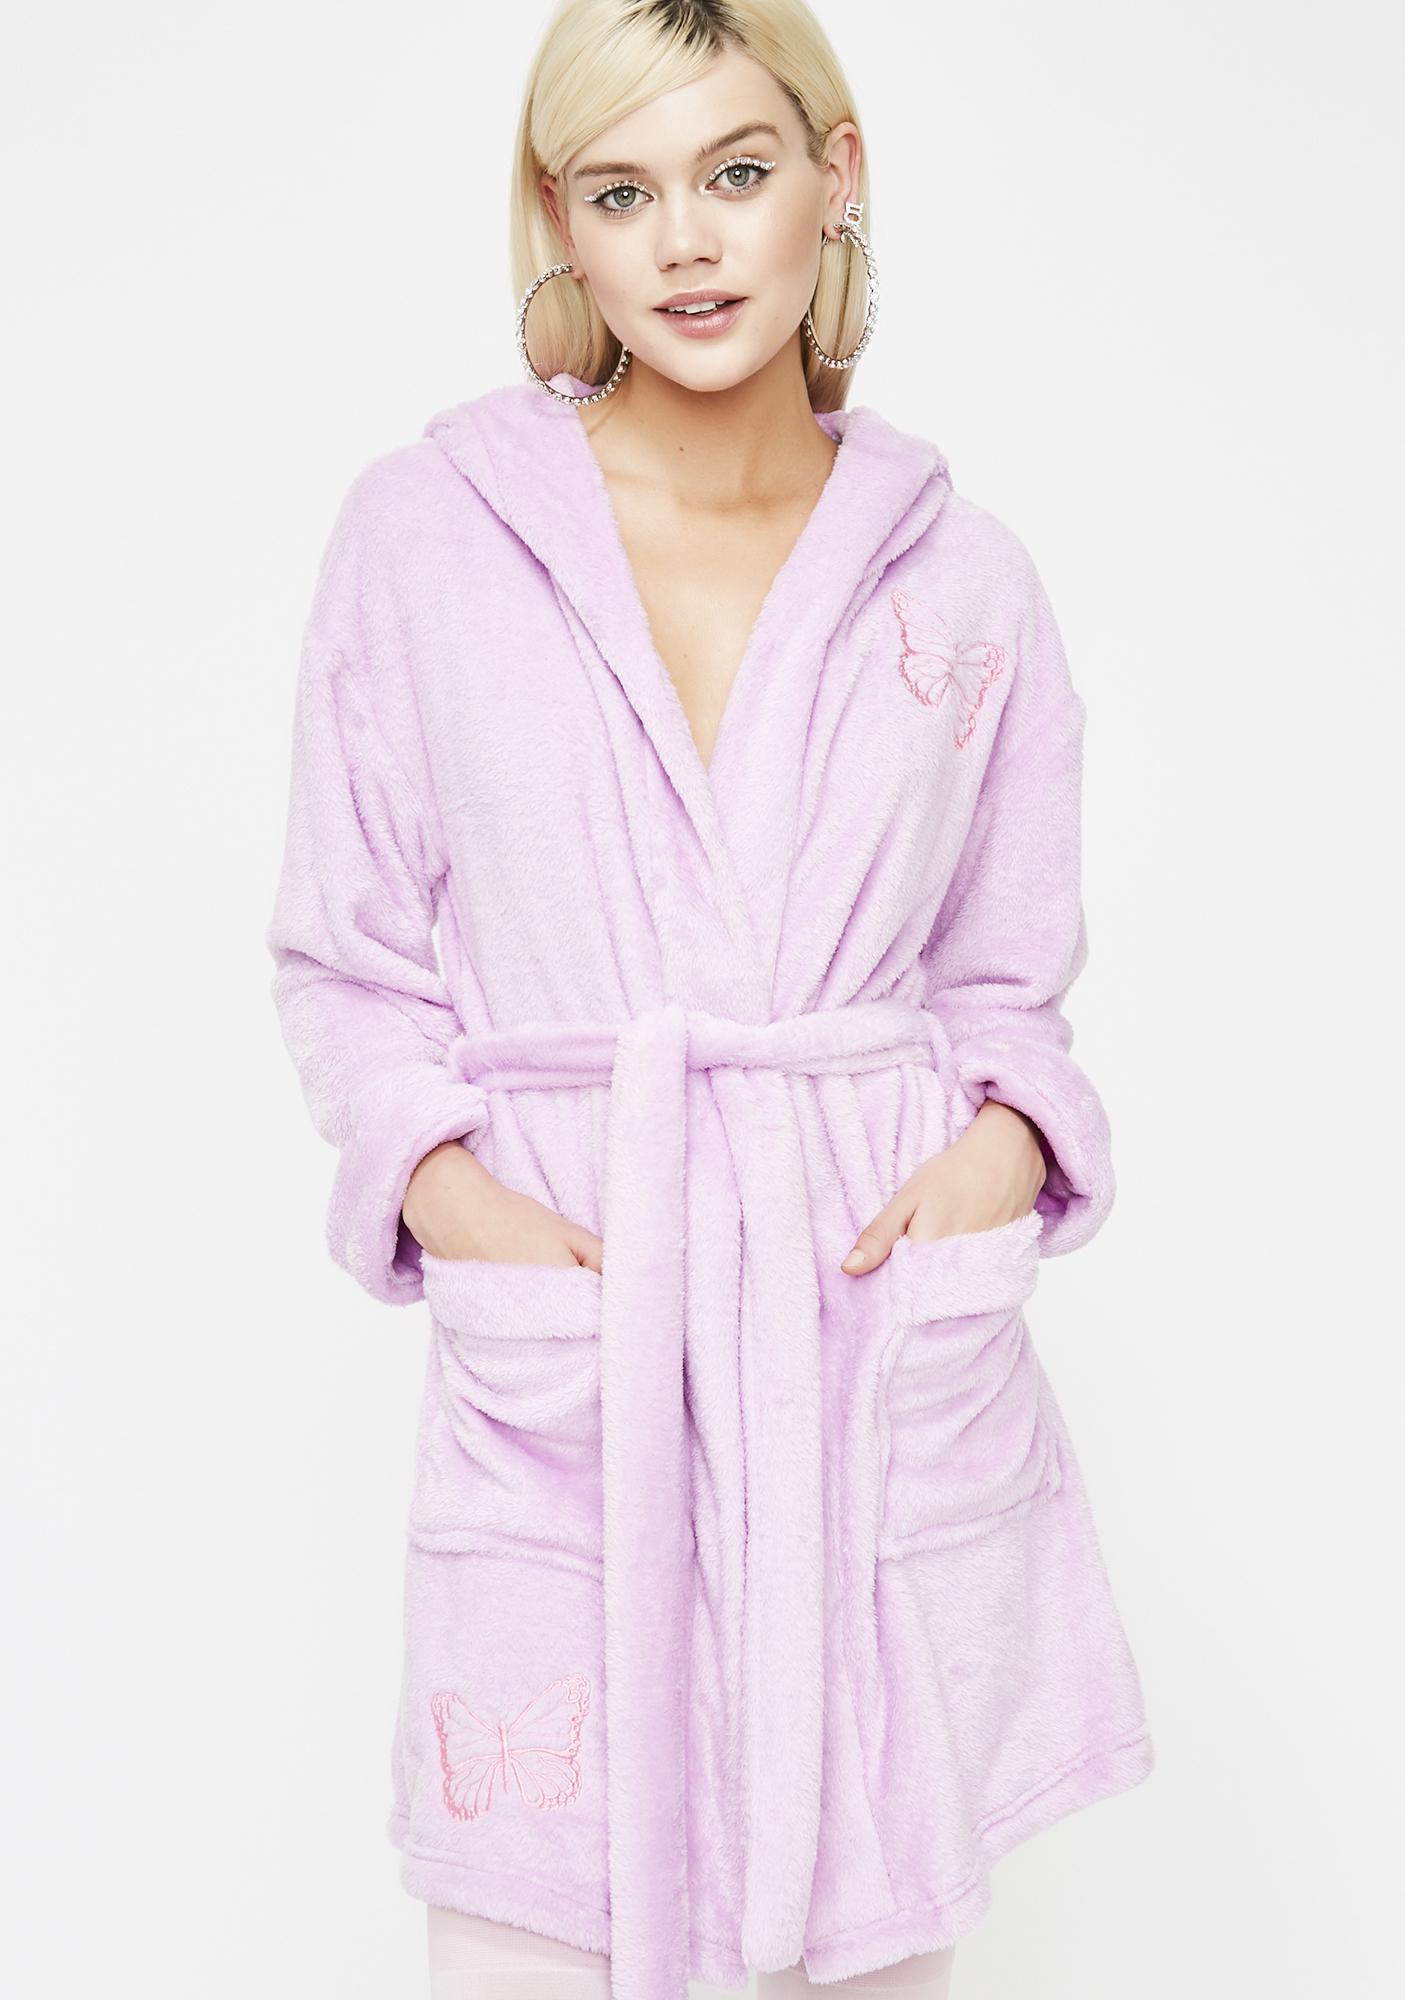 Sugar Thrillz Cotton Candy Dreamz Robe